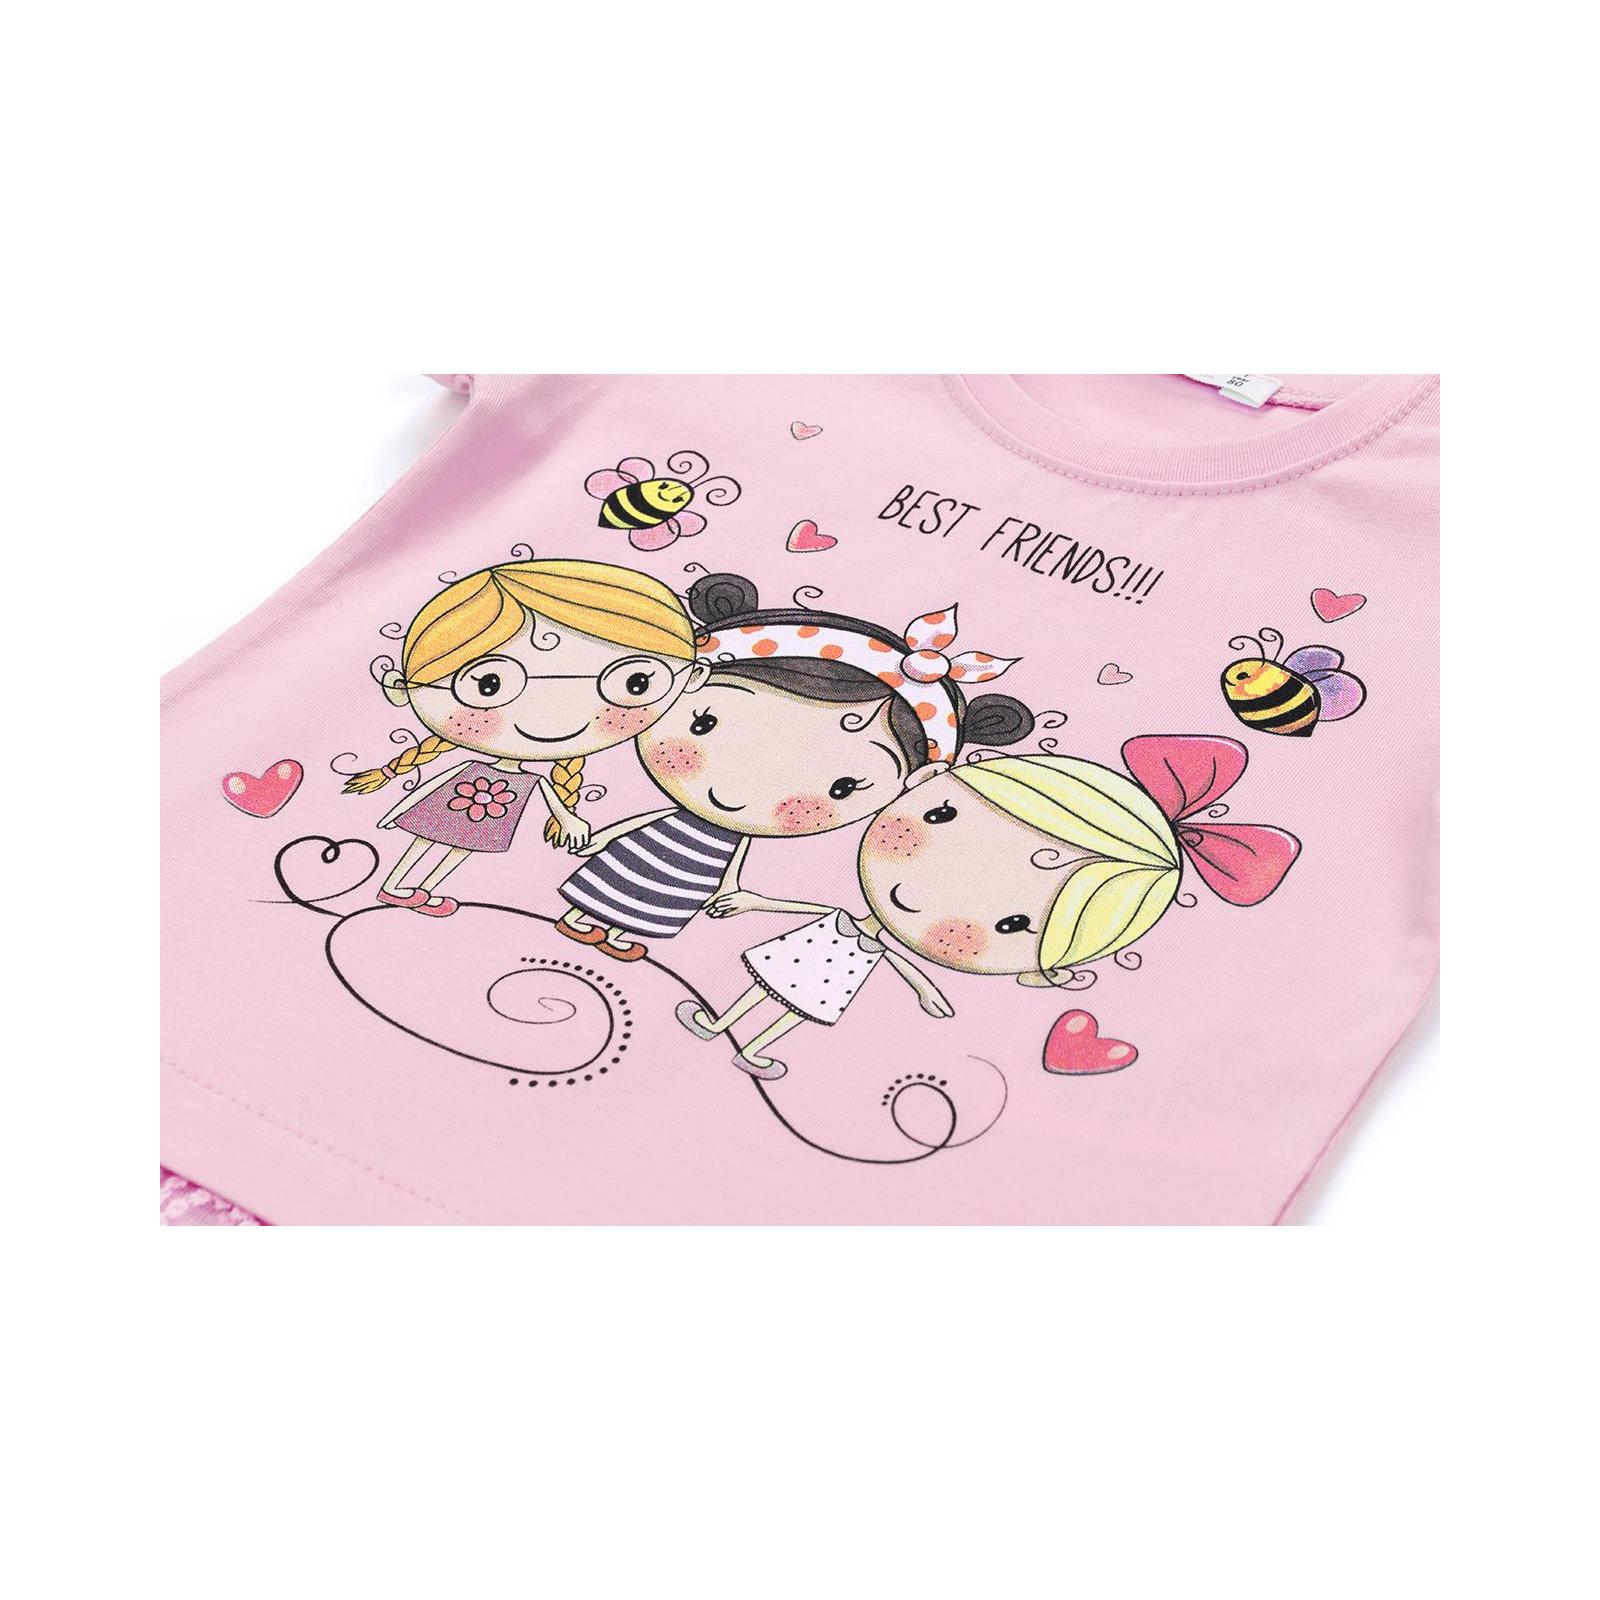 """Футболка детская Breeze """"BEST FRENDS"""" (11043-92G-pink) изображение 4"""